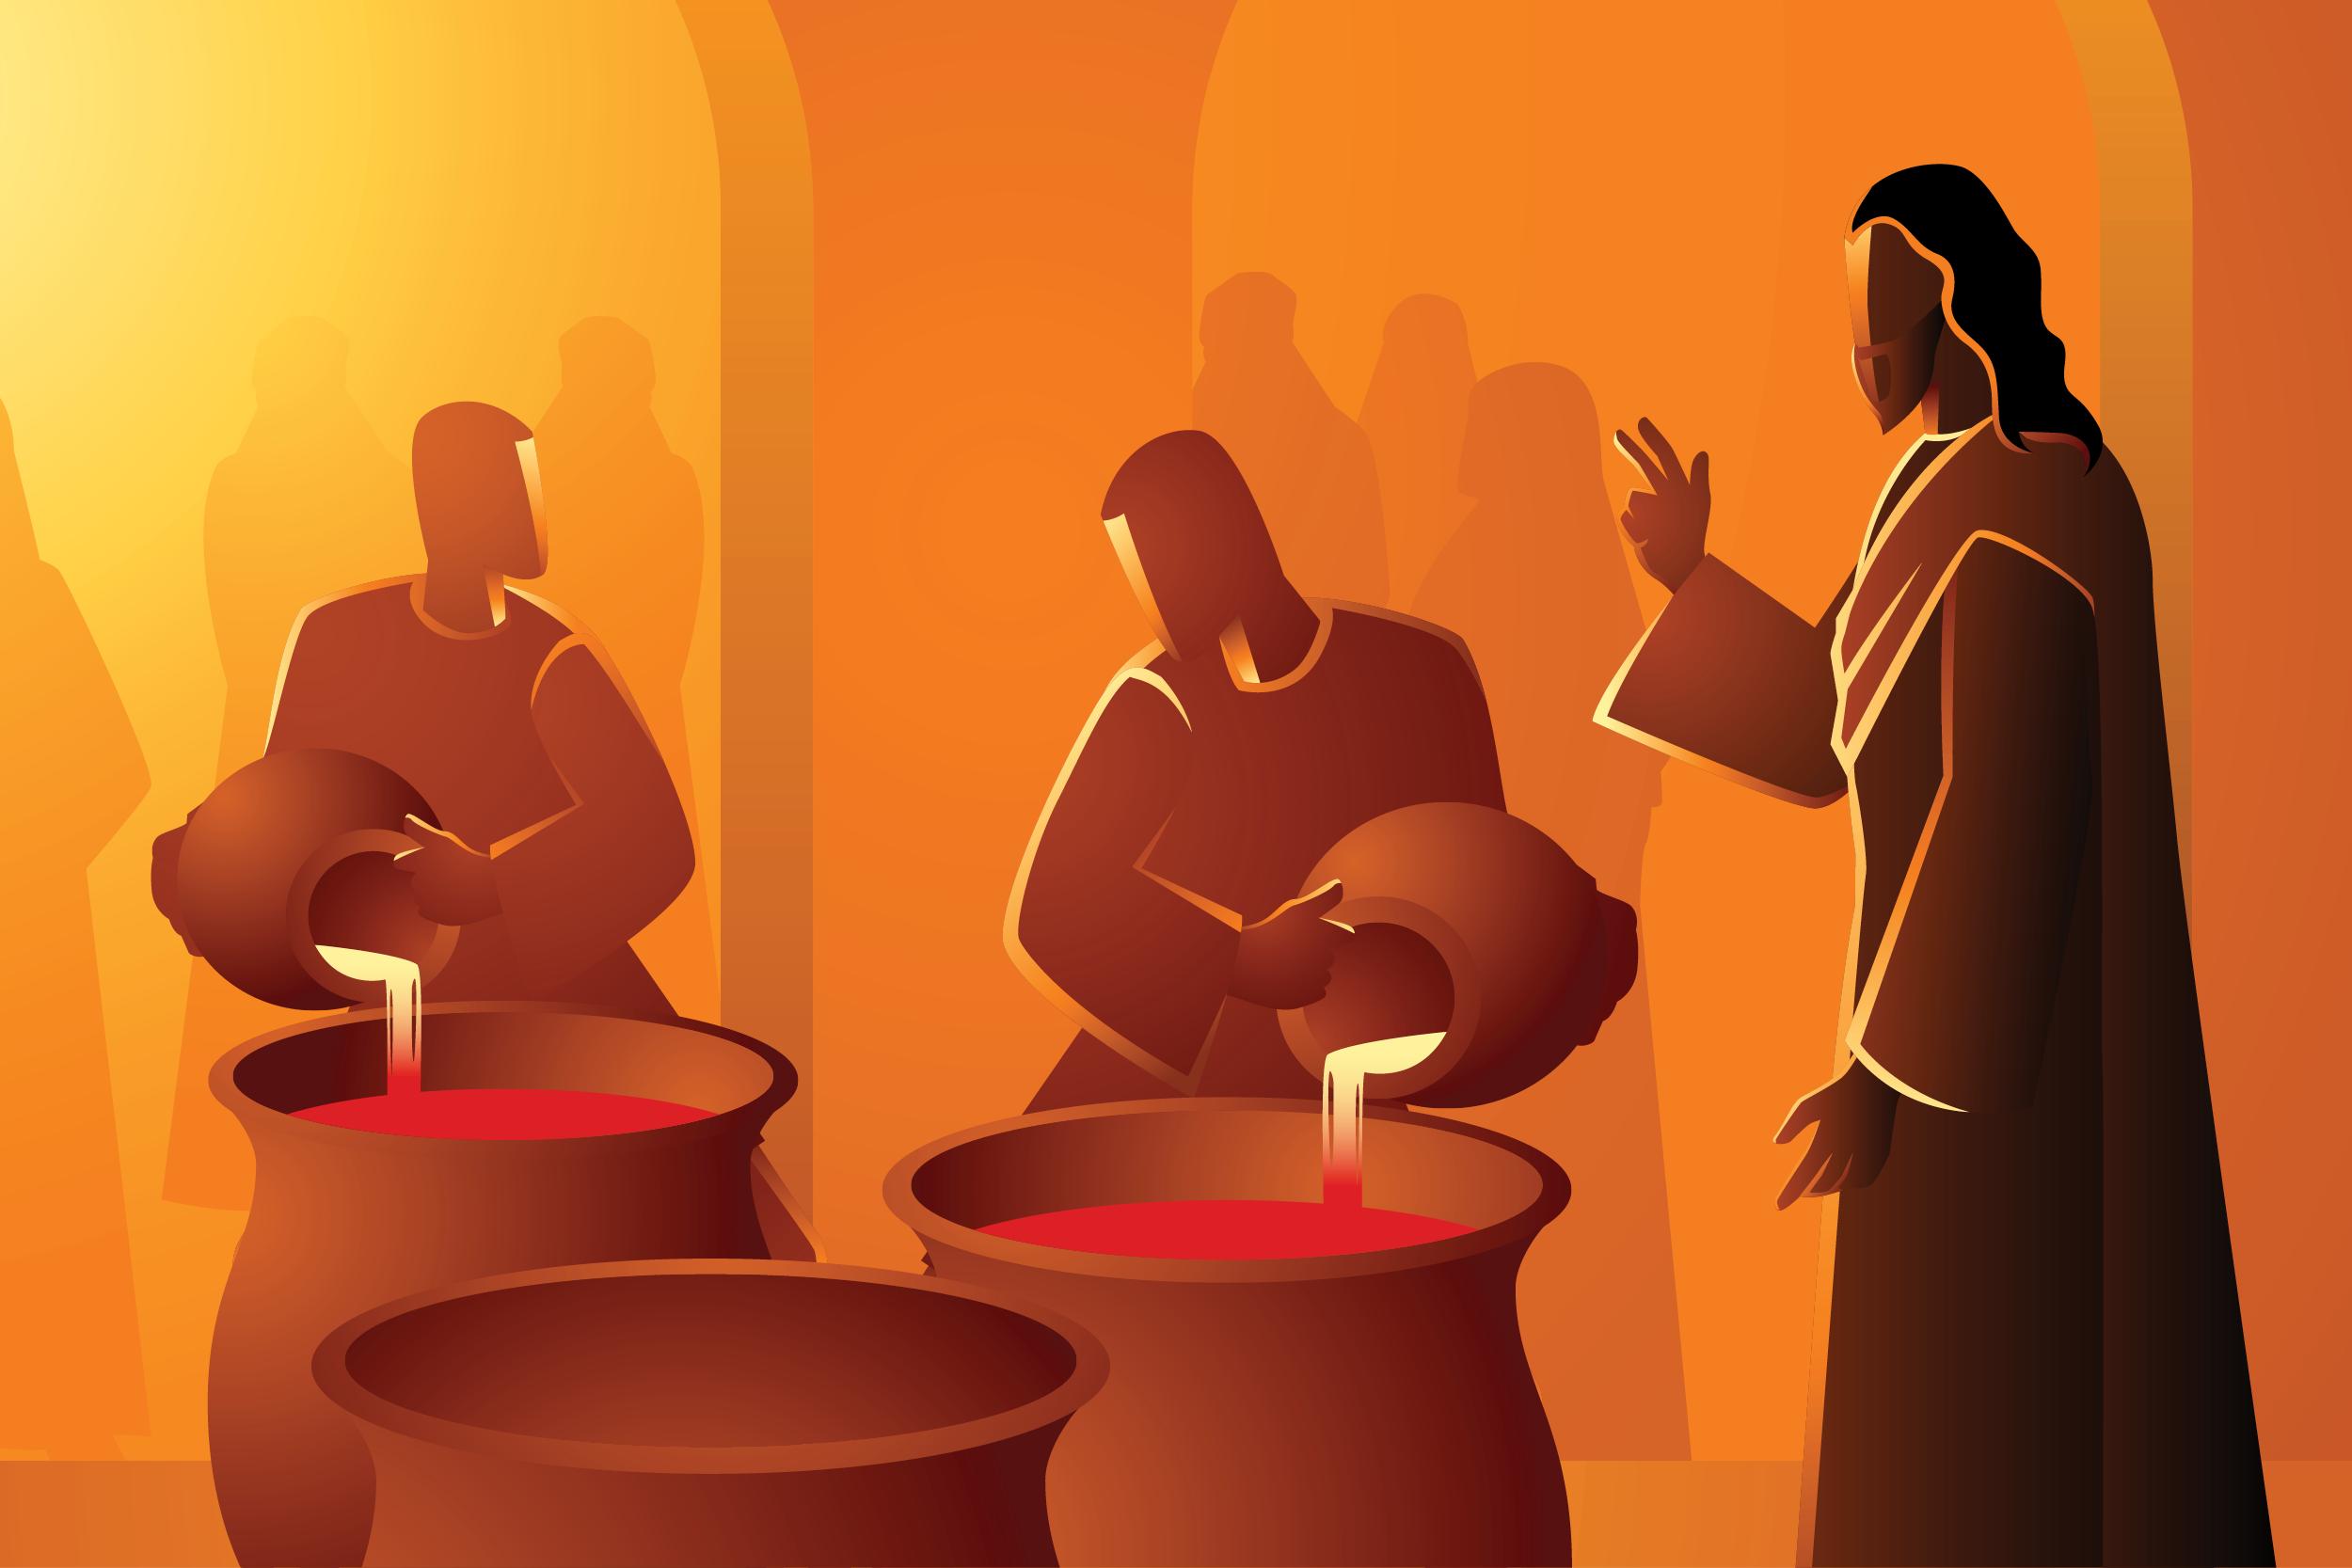 La autorrevelación de Jesús en las bodas de Caná